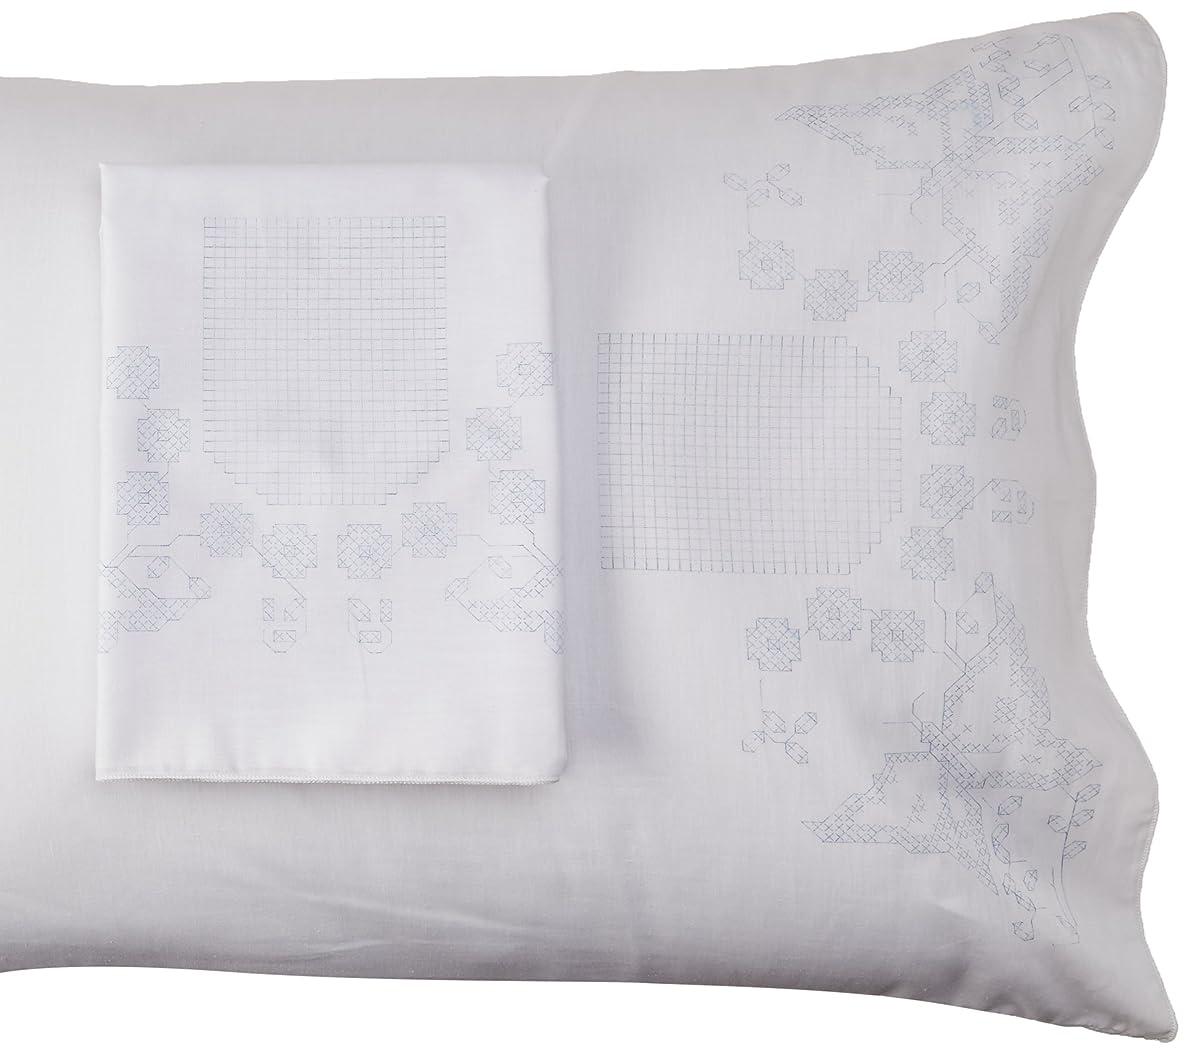 Fairway Monogram Butterflies Stamped Parle Edge Pillowcases (2 Pack), 30